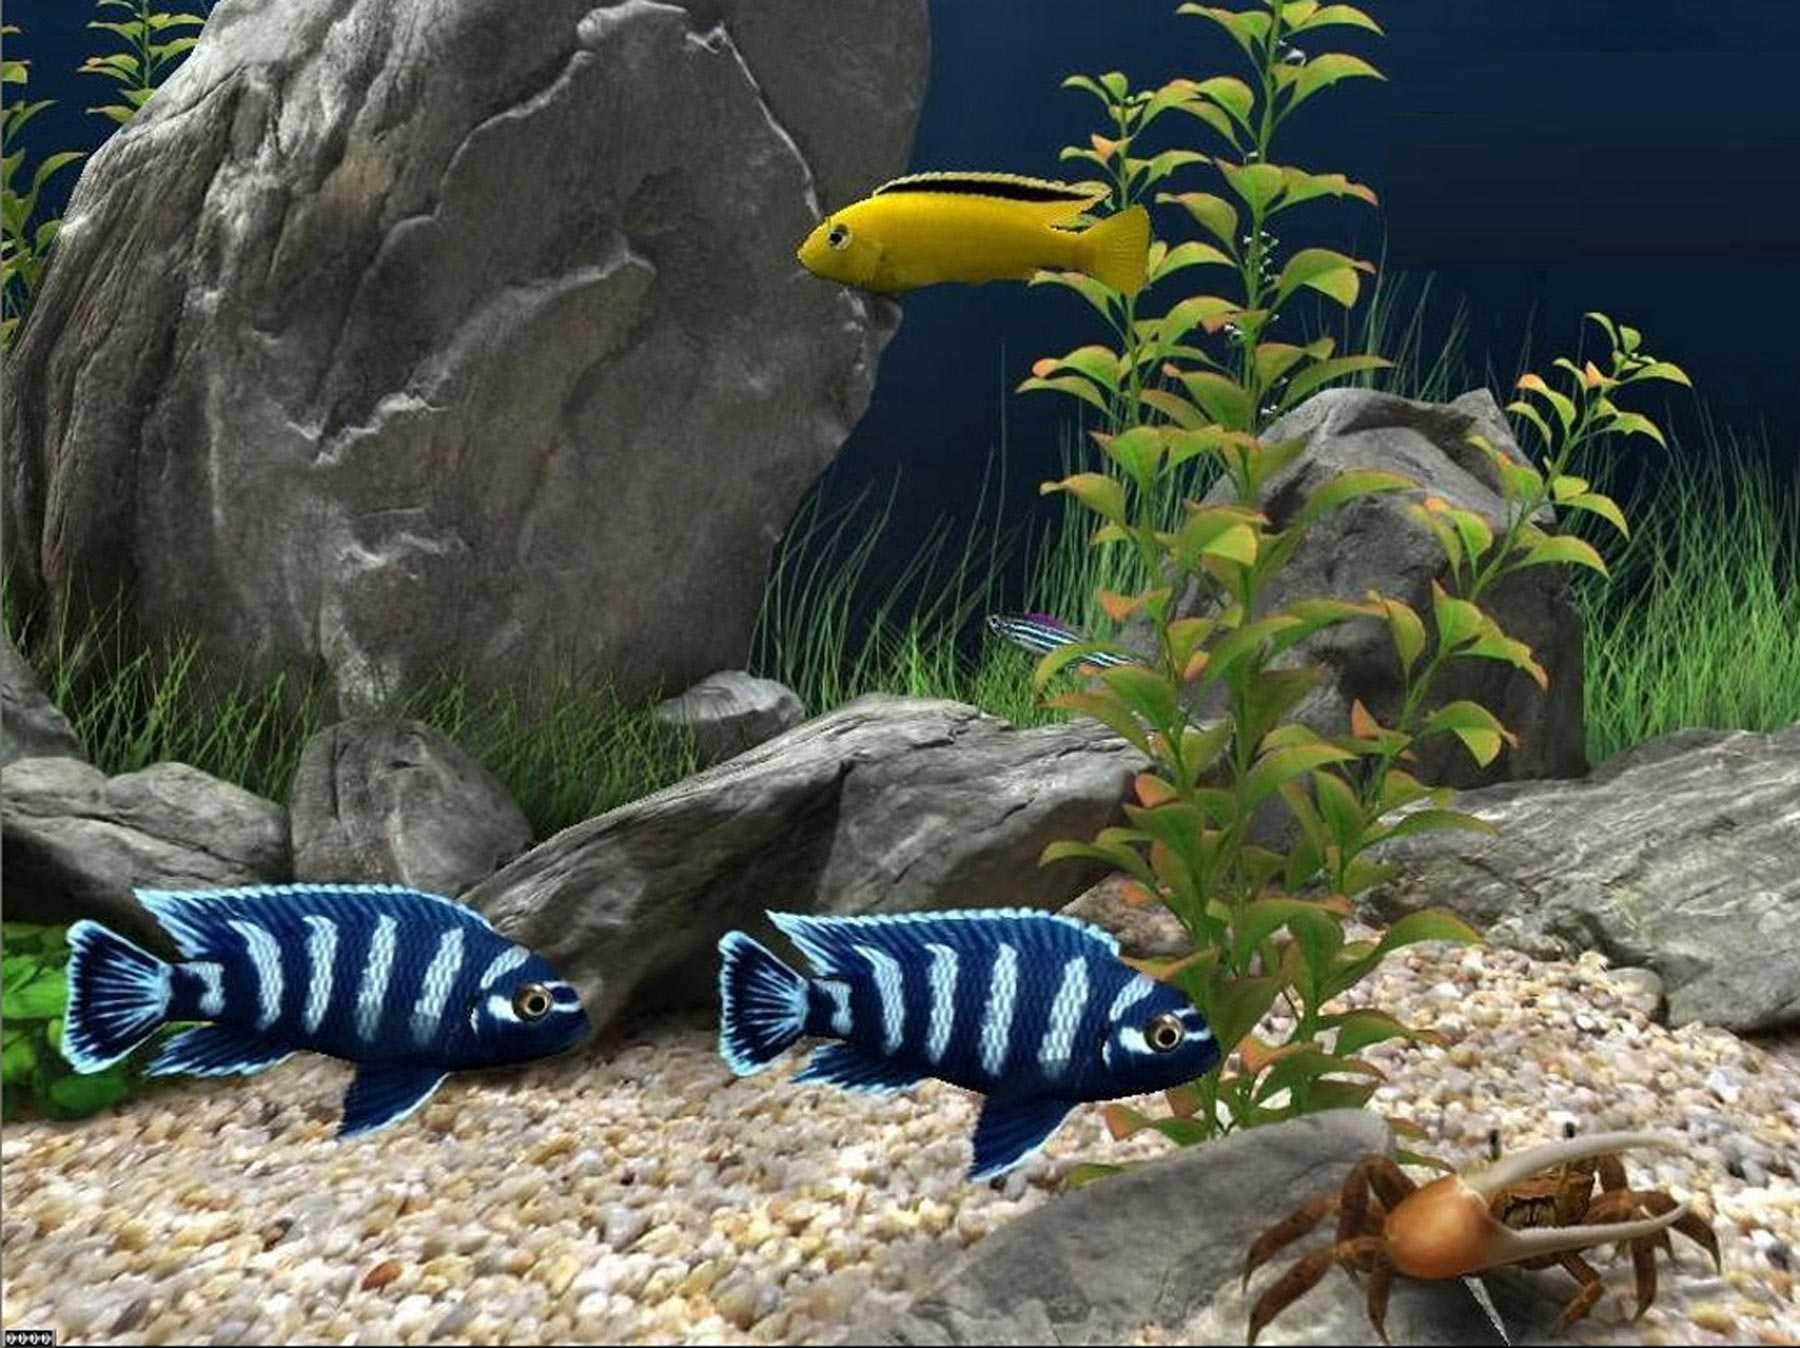 Fish Aquarium In Coimbatore - One